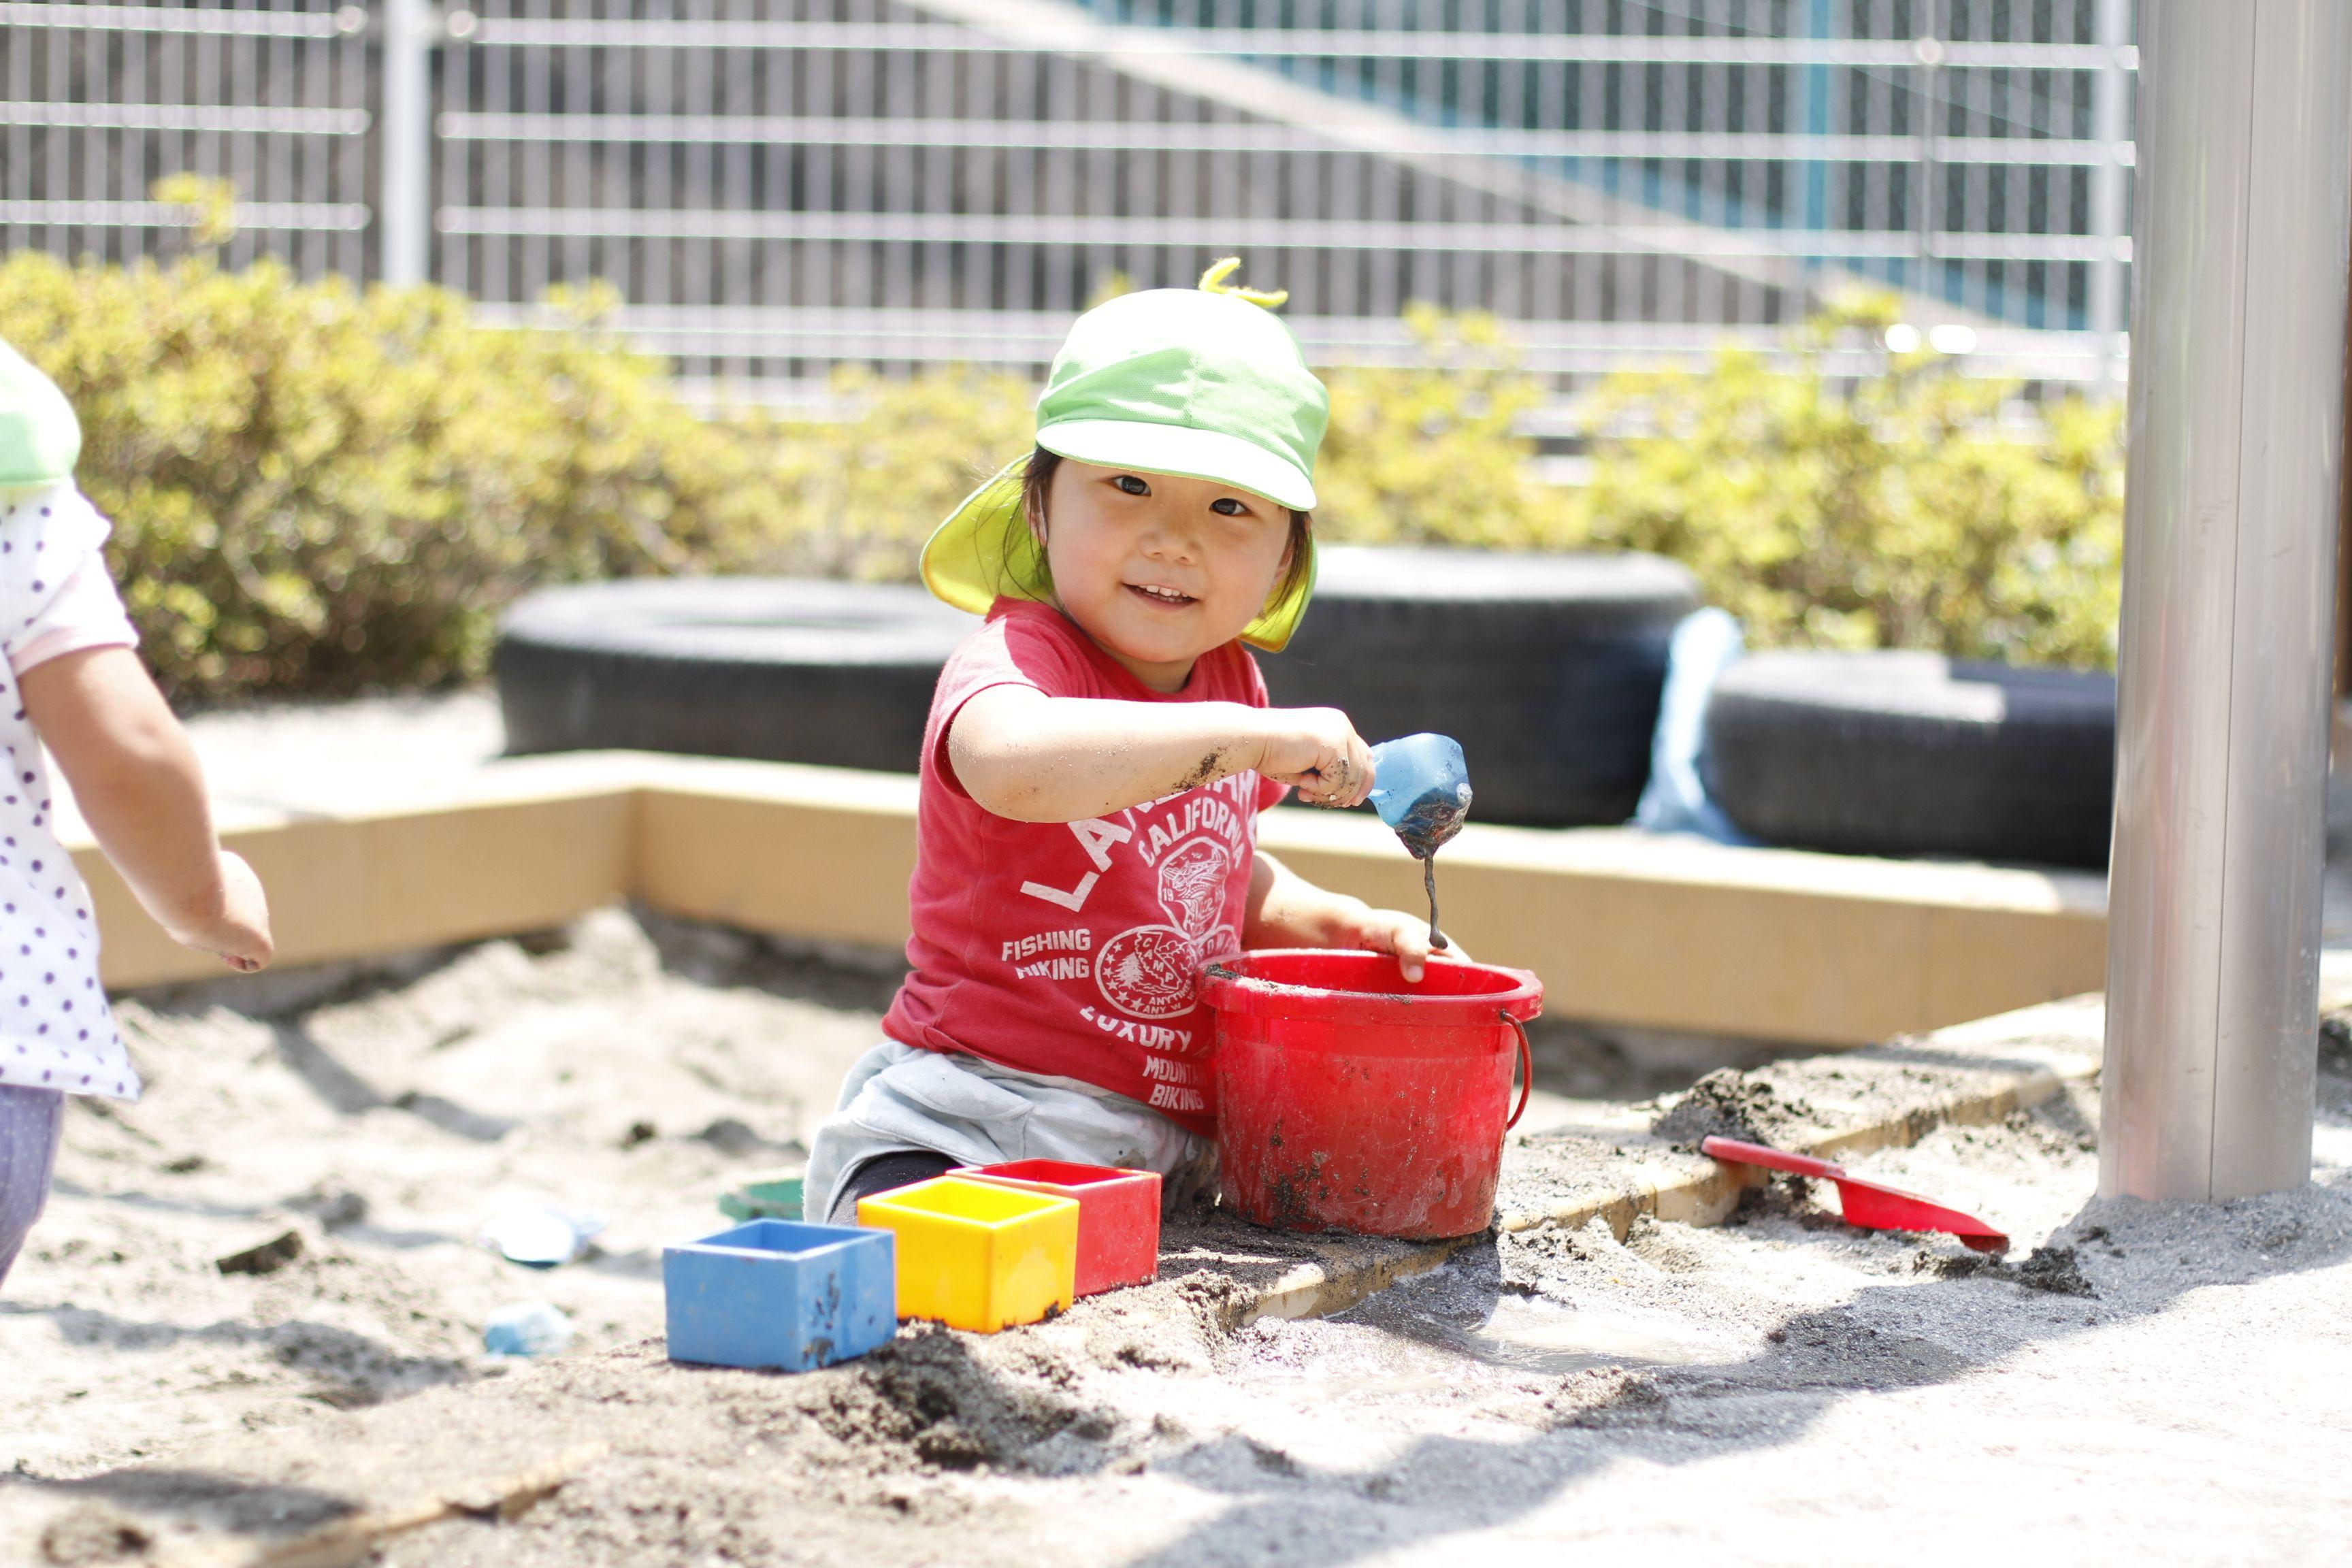 【資格を活かして正社員の道へ♪】磯子駅より徒歩5分の通勤便利な保育園です★資格・経験が活かせます!